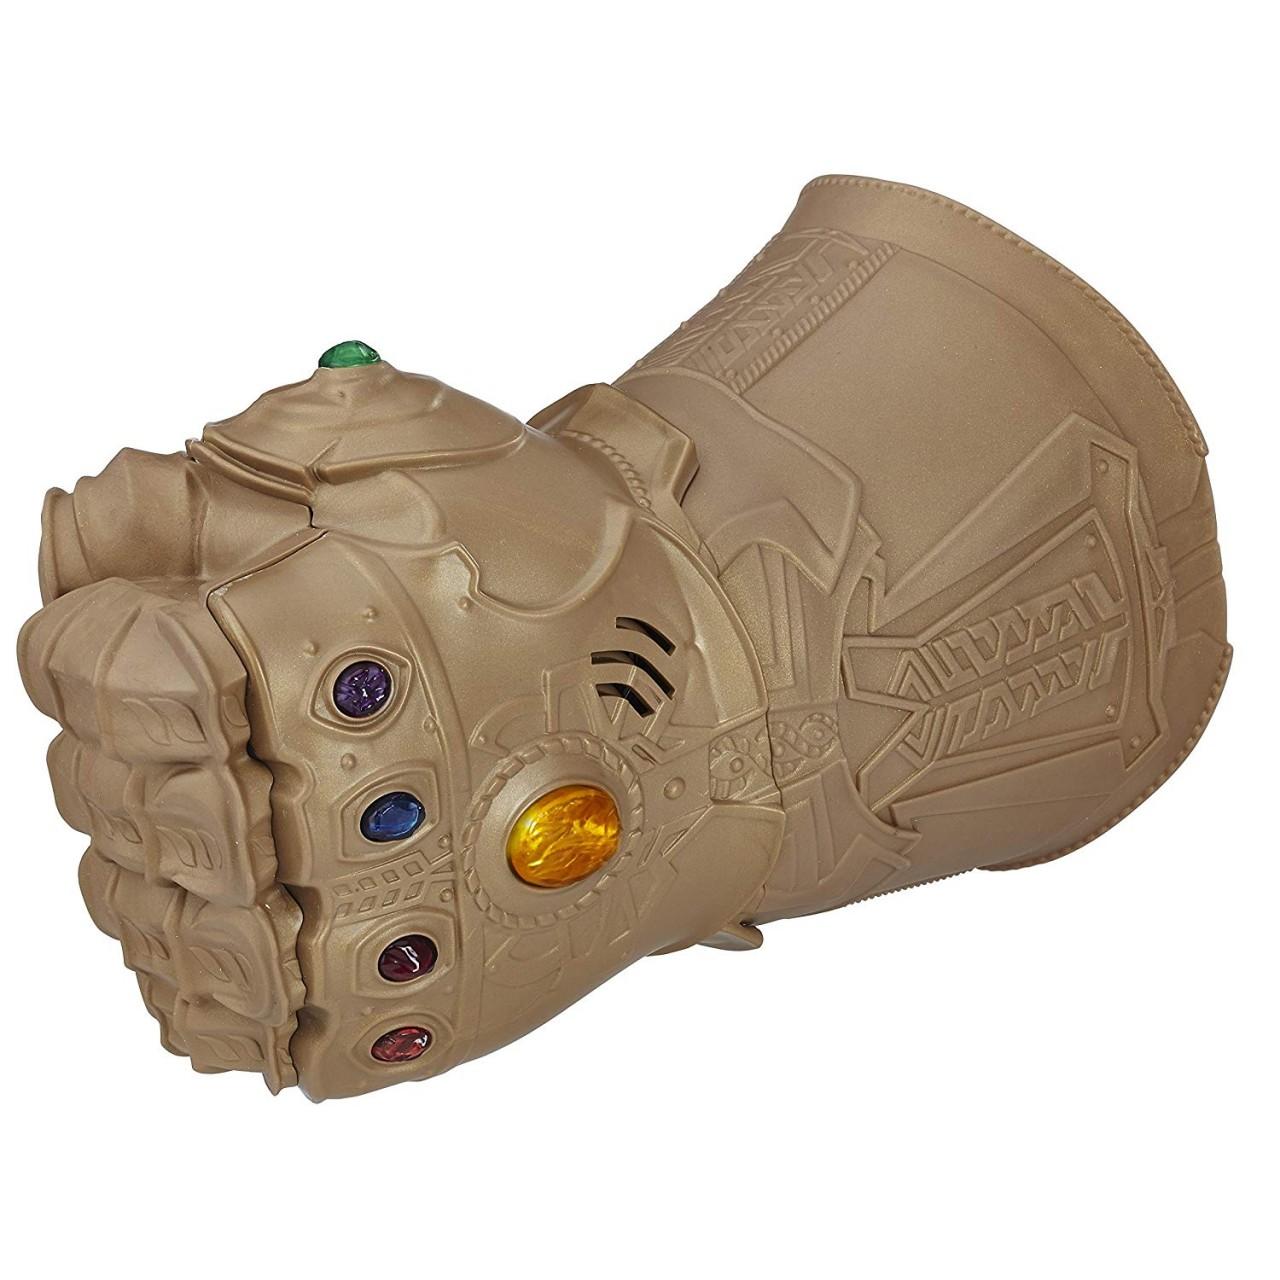 """Интерактивная Перчатка-рука Таноса E1799 """"Мстители: Война бесконечности"""" от Hasbro"""